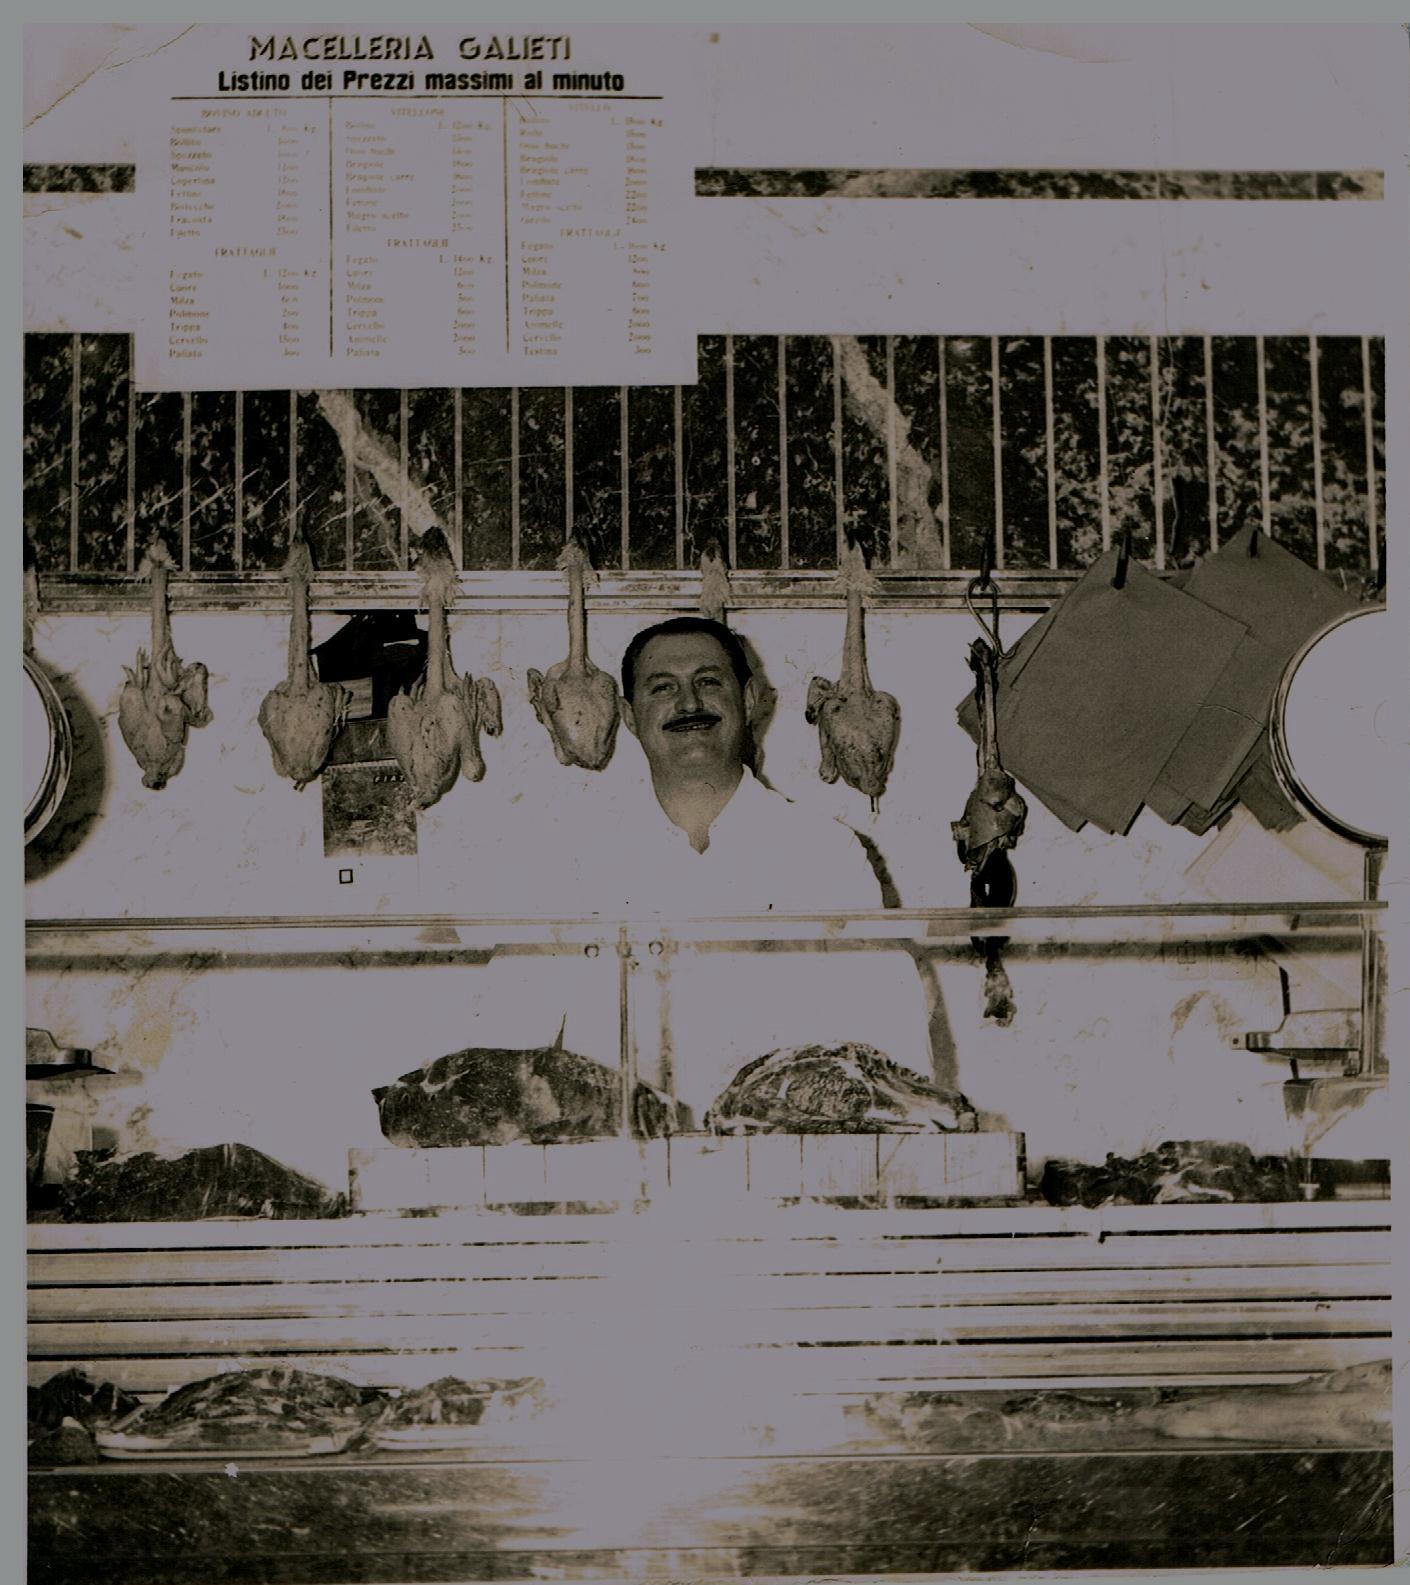 bancone della macelleria Galieti con macellaio in posa